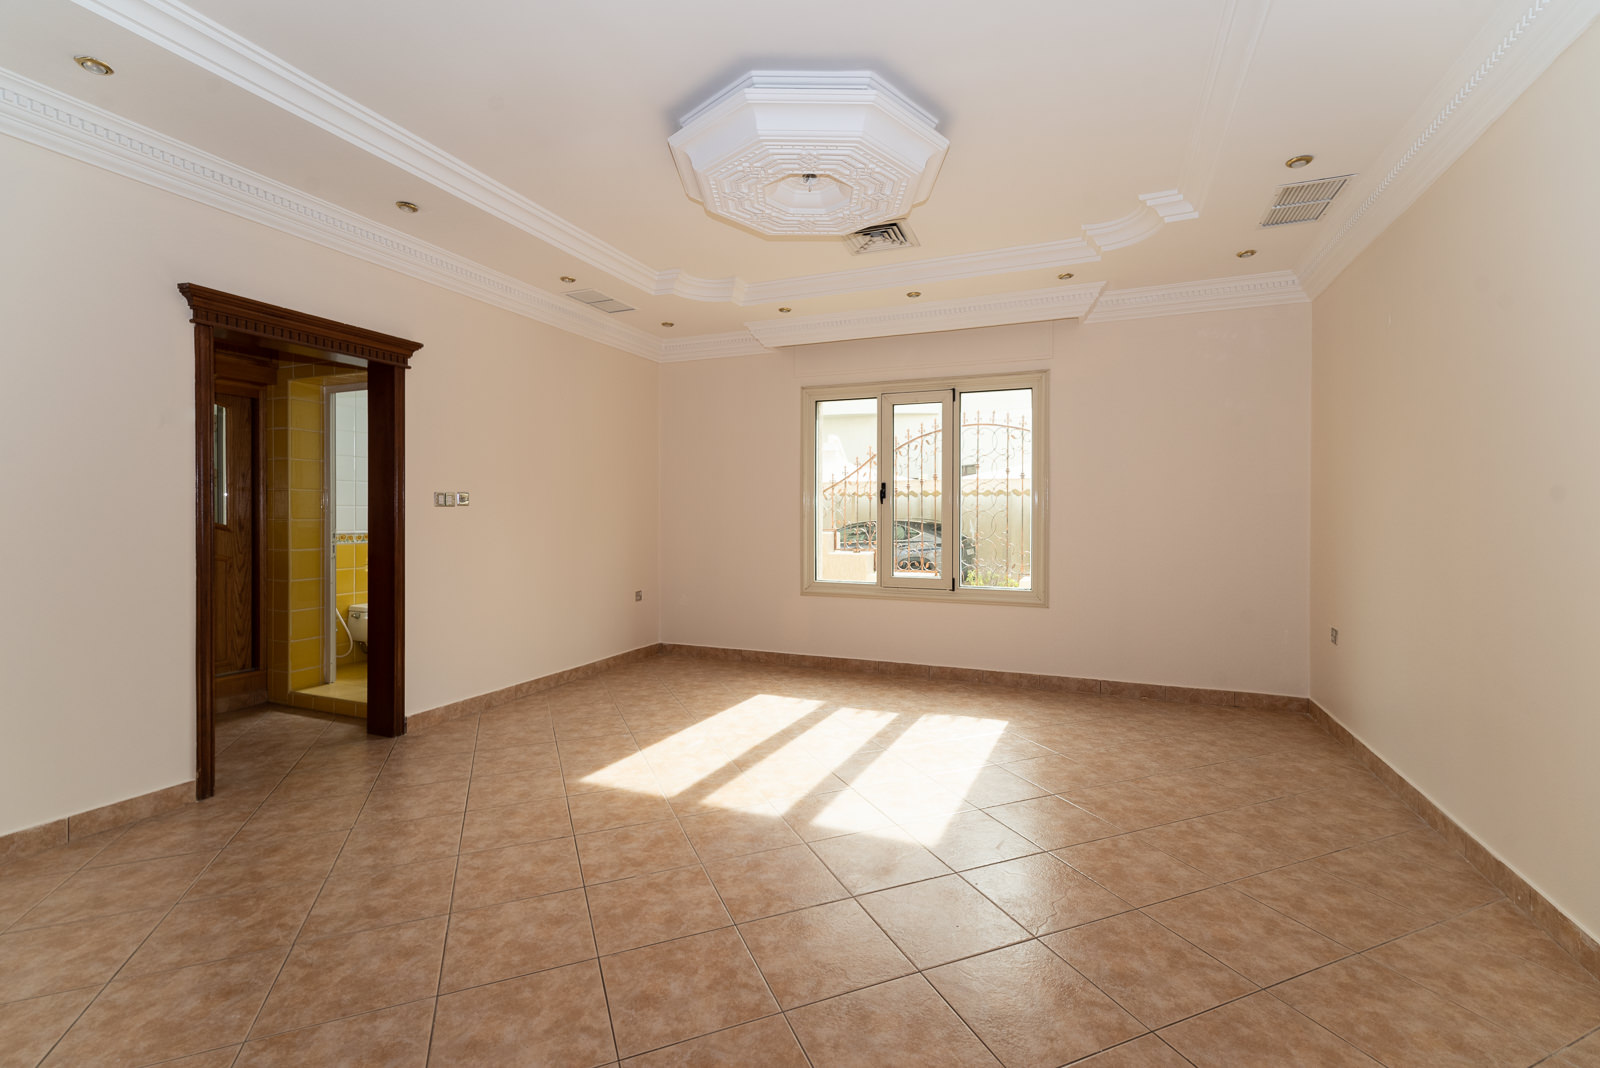 Rumathiya – large, unfurnished, four bedroom apartment